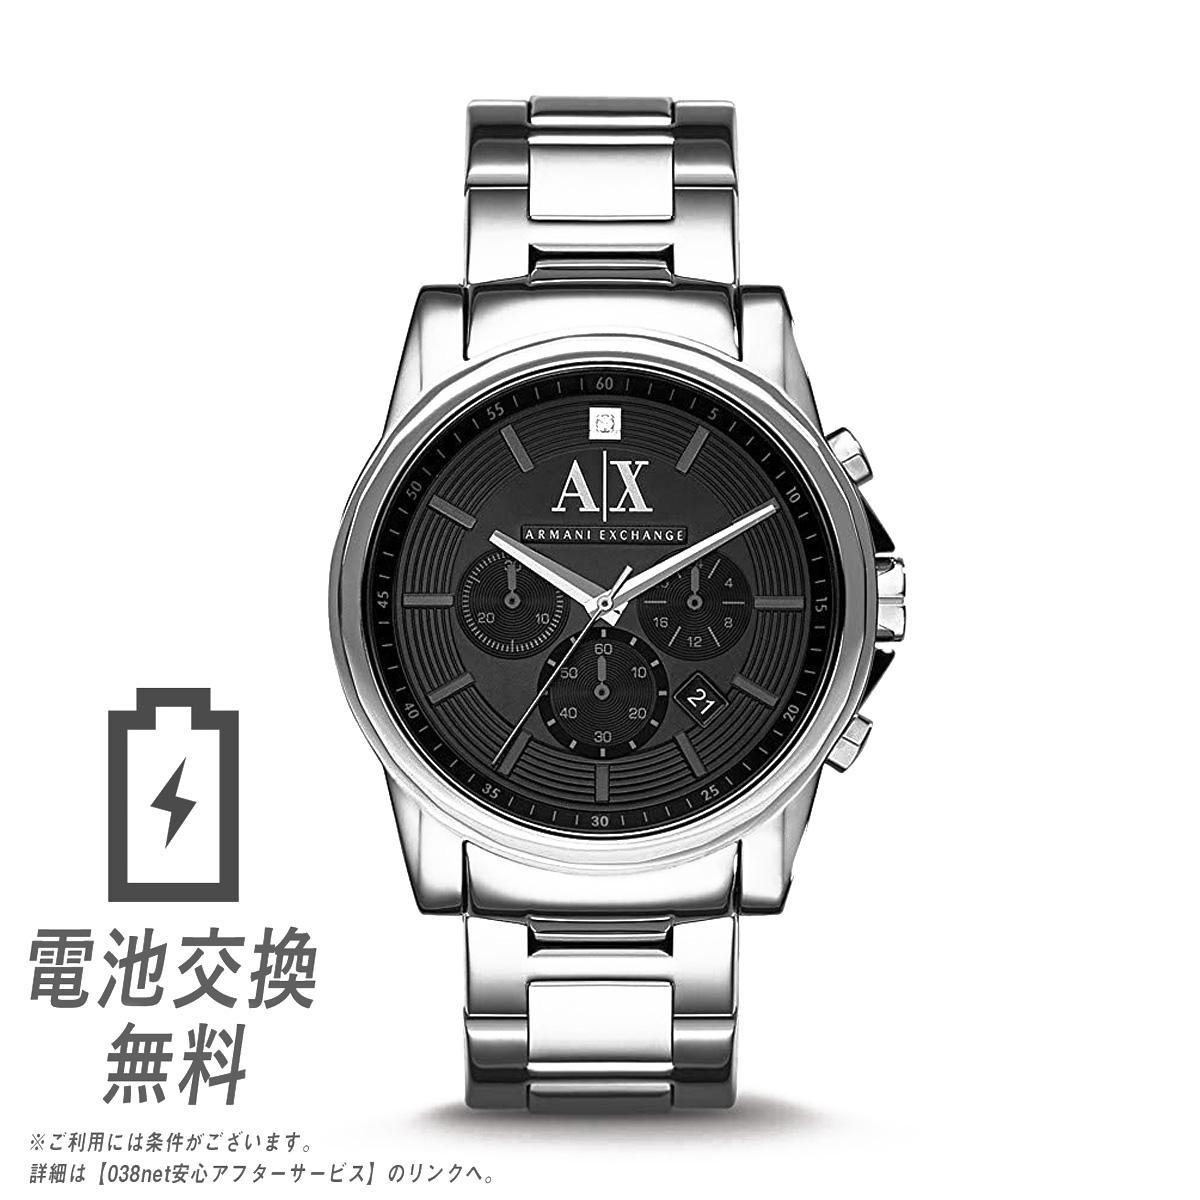 【ラッピング無料】ARMANI EXCHANGE アルマーニ エクスチェンジ メンズ 腕時計 ブラック & シルバー ダイヤモンド クロノグラフ AX2504 ビジネスウォッチ 防水 メンズウォッチ 男性用 ストップウォッチ ステンレスブレスレット